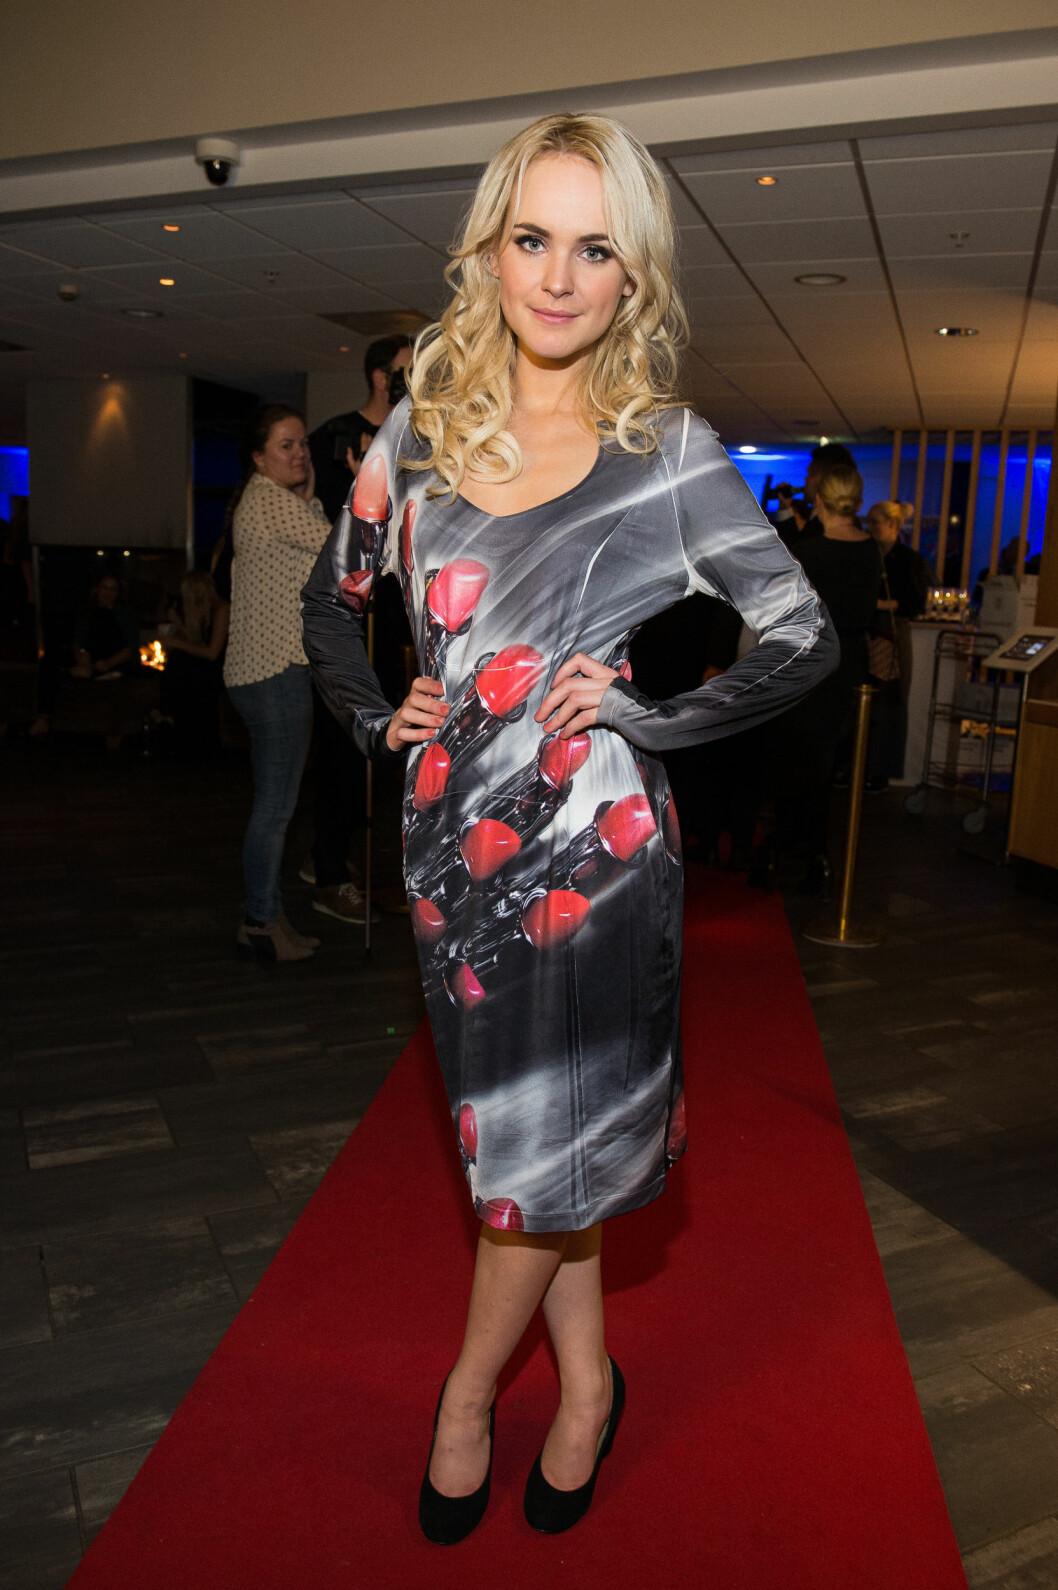 PÅ SKAL VI DANSE-FEST: Linnea Myhre kom i en kopi av Siv Jensens berømte leppestift-kjole. Foto: Tor Gunnar Berland / Stella Pictures